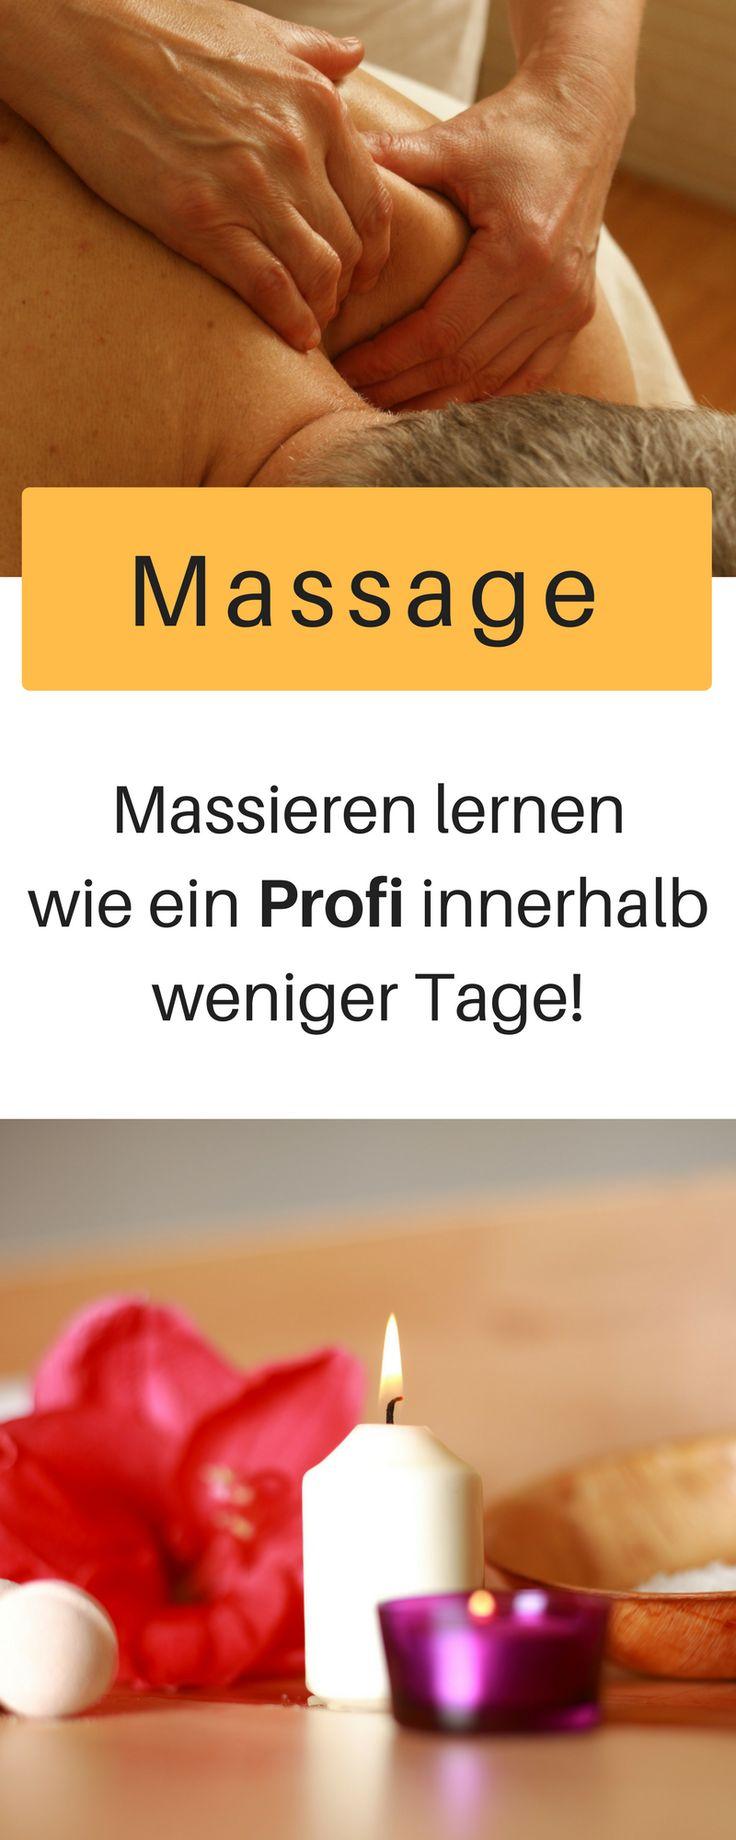 Massage lernen, Massageöl selber machen,Massage Rücken, Massage Gutschein, Babymassage, massieren lernen, massieren lustig, massieren Rücken, massieren Frau, massieren Richtig, massieren Mann